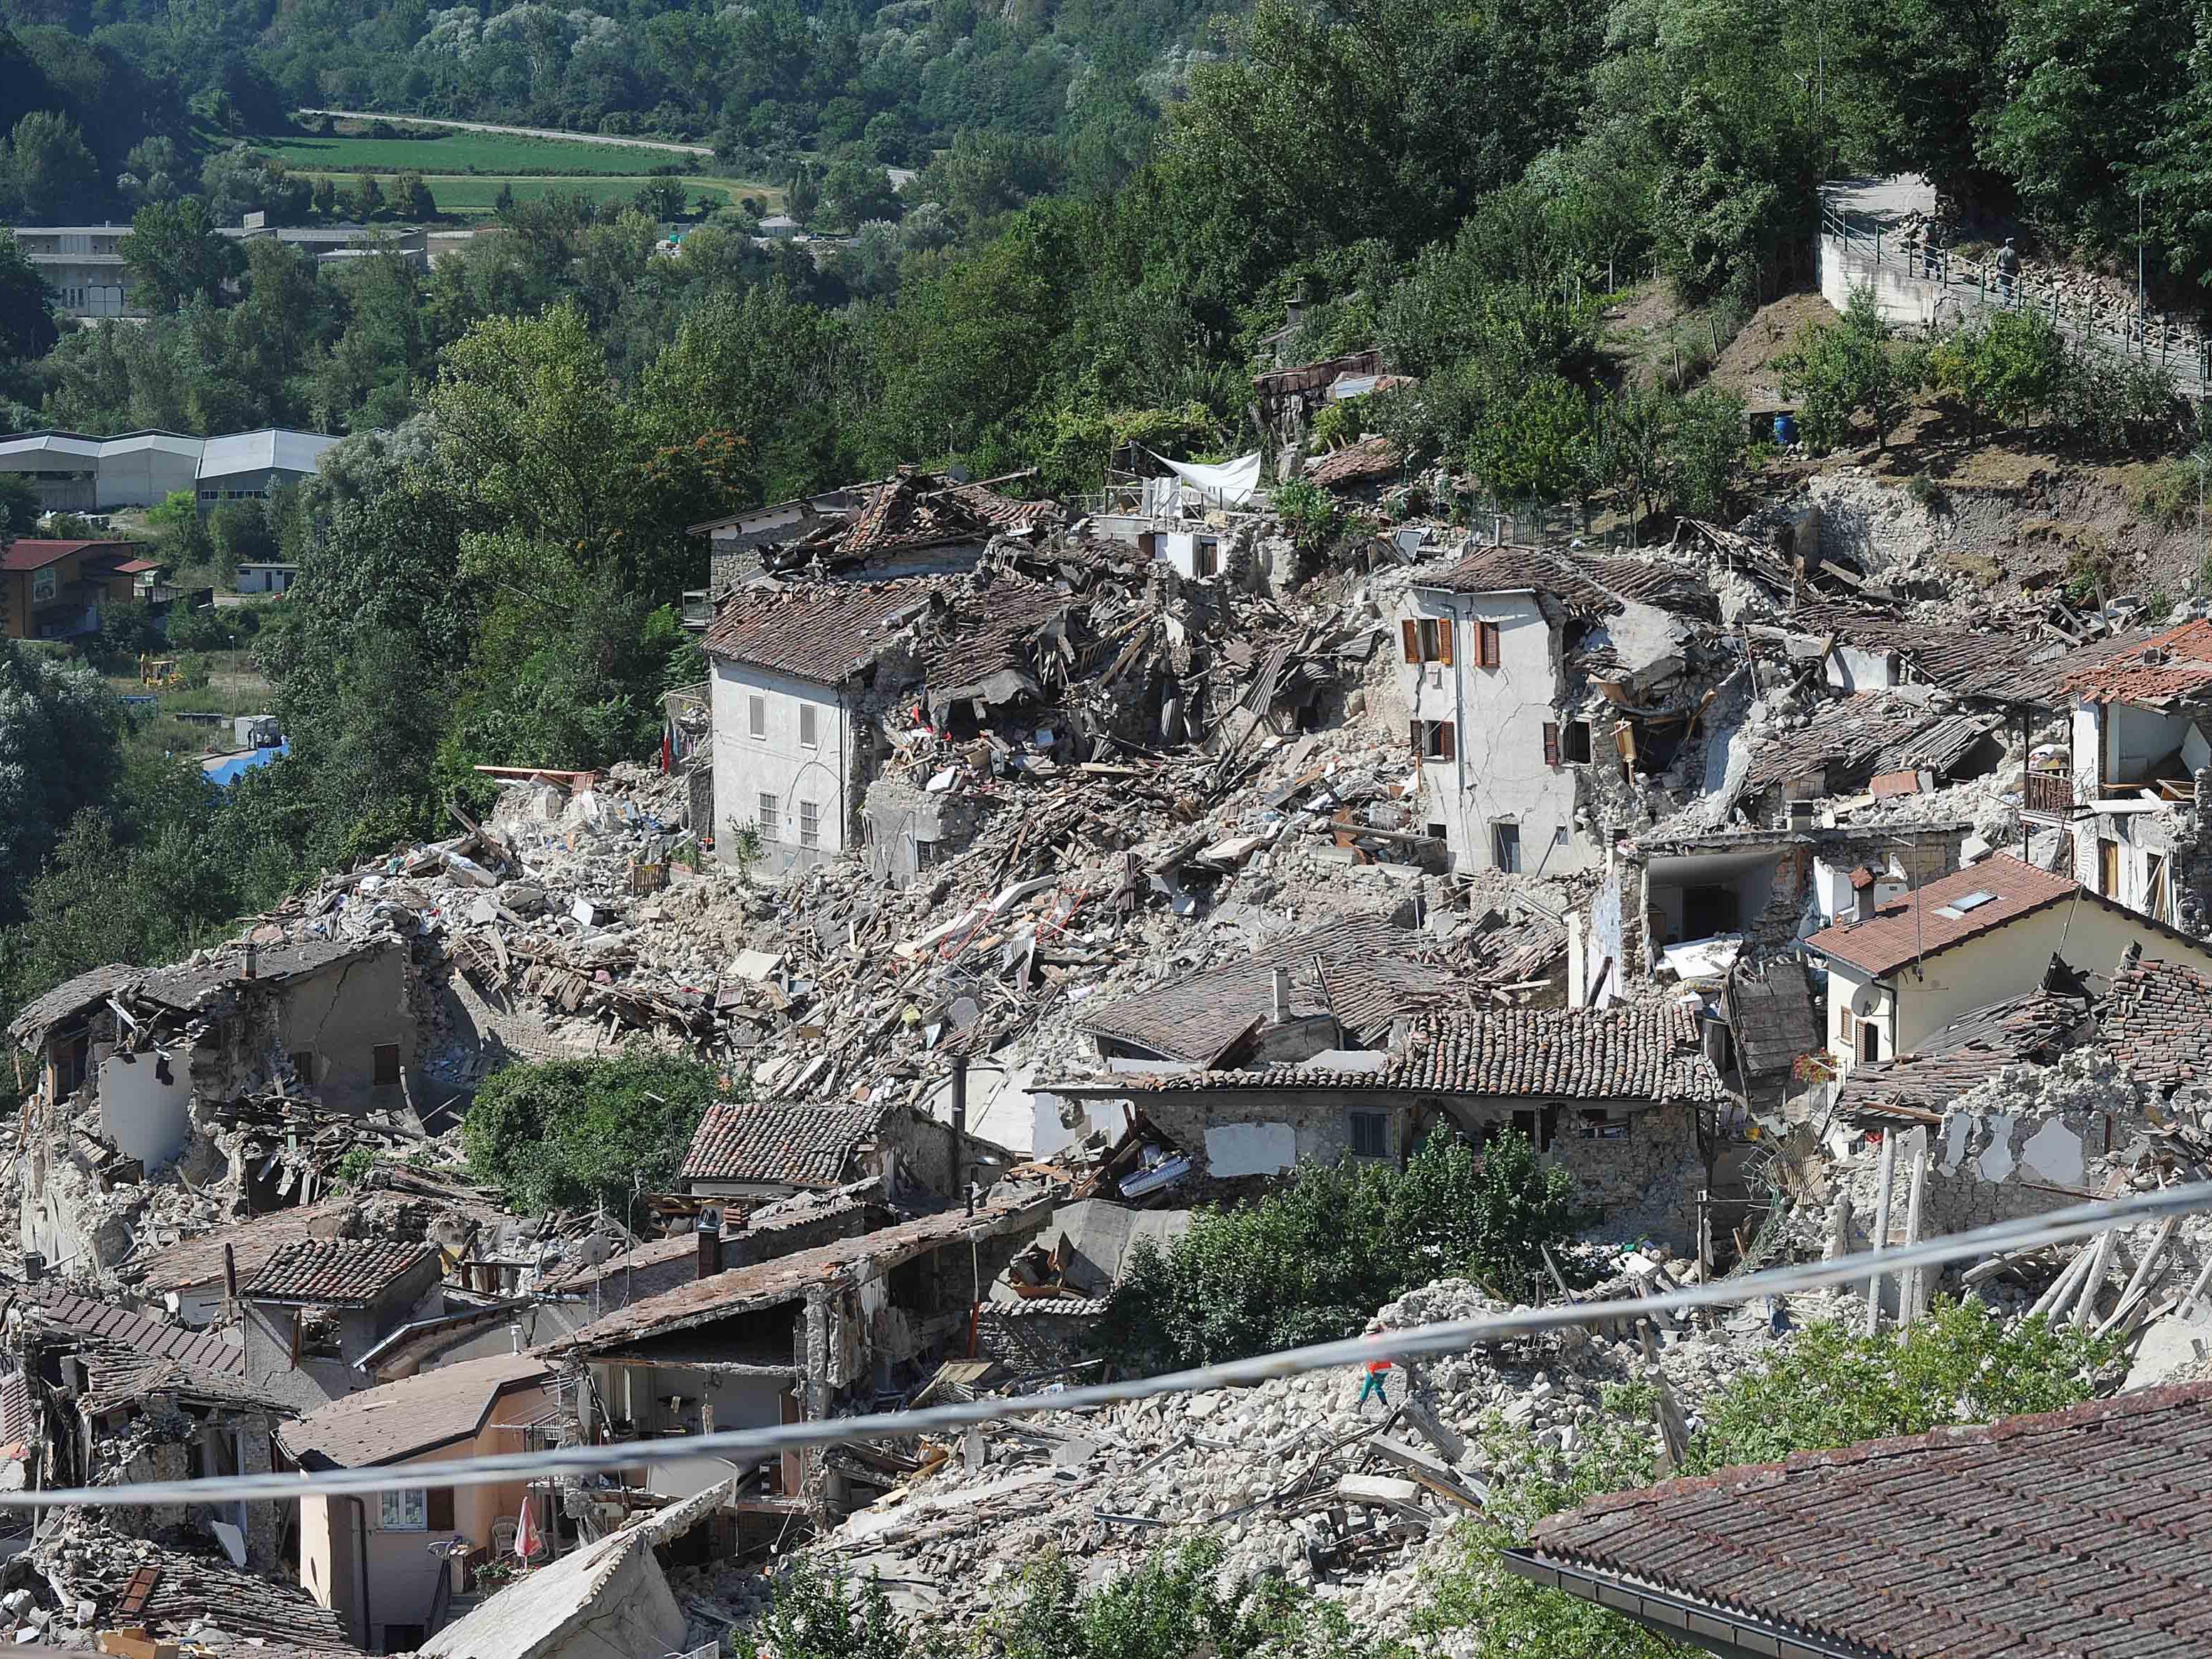 Bei dem verheerenden Erdbeben in Iatlien starben nach offiziellen Angaben mindestens 247 Menschen.